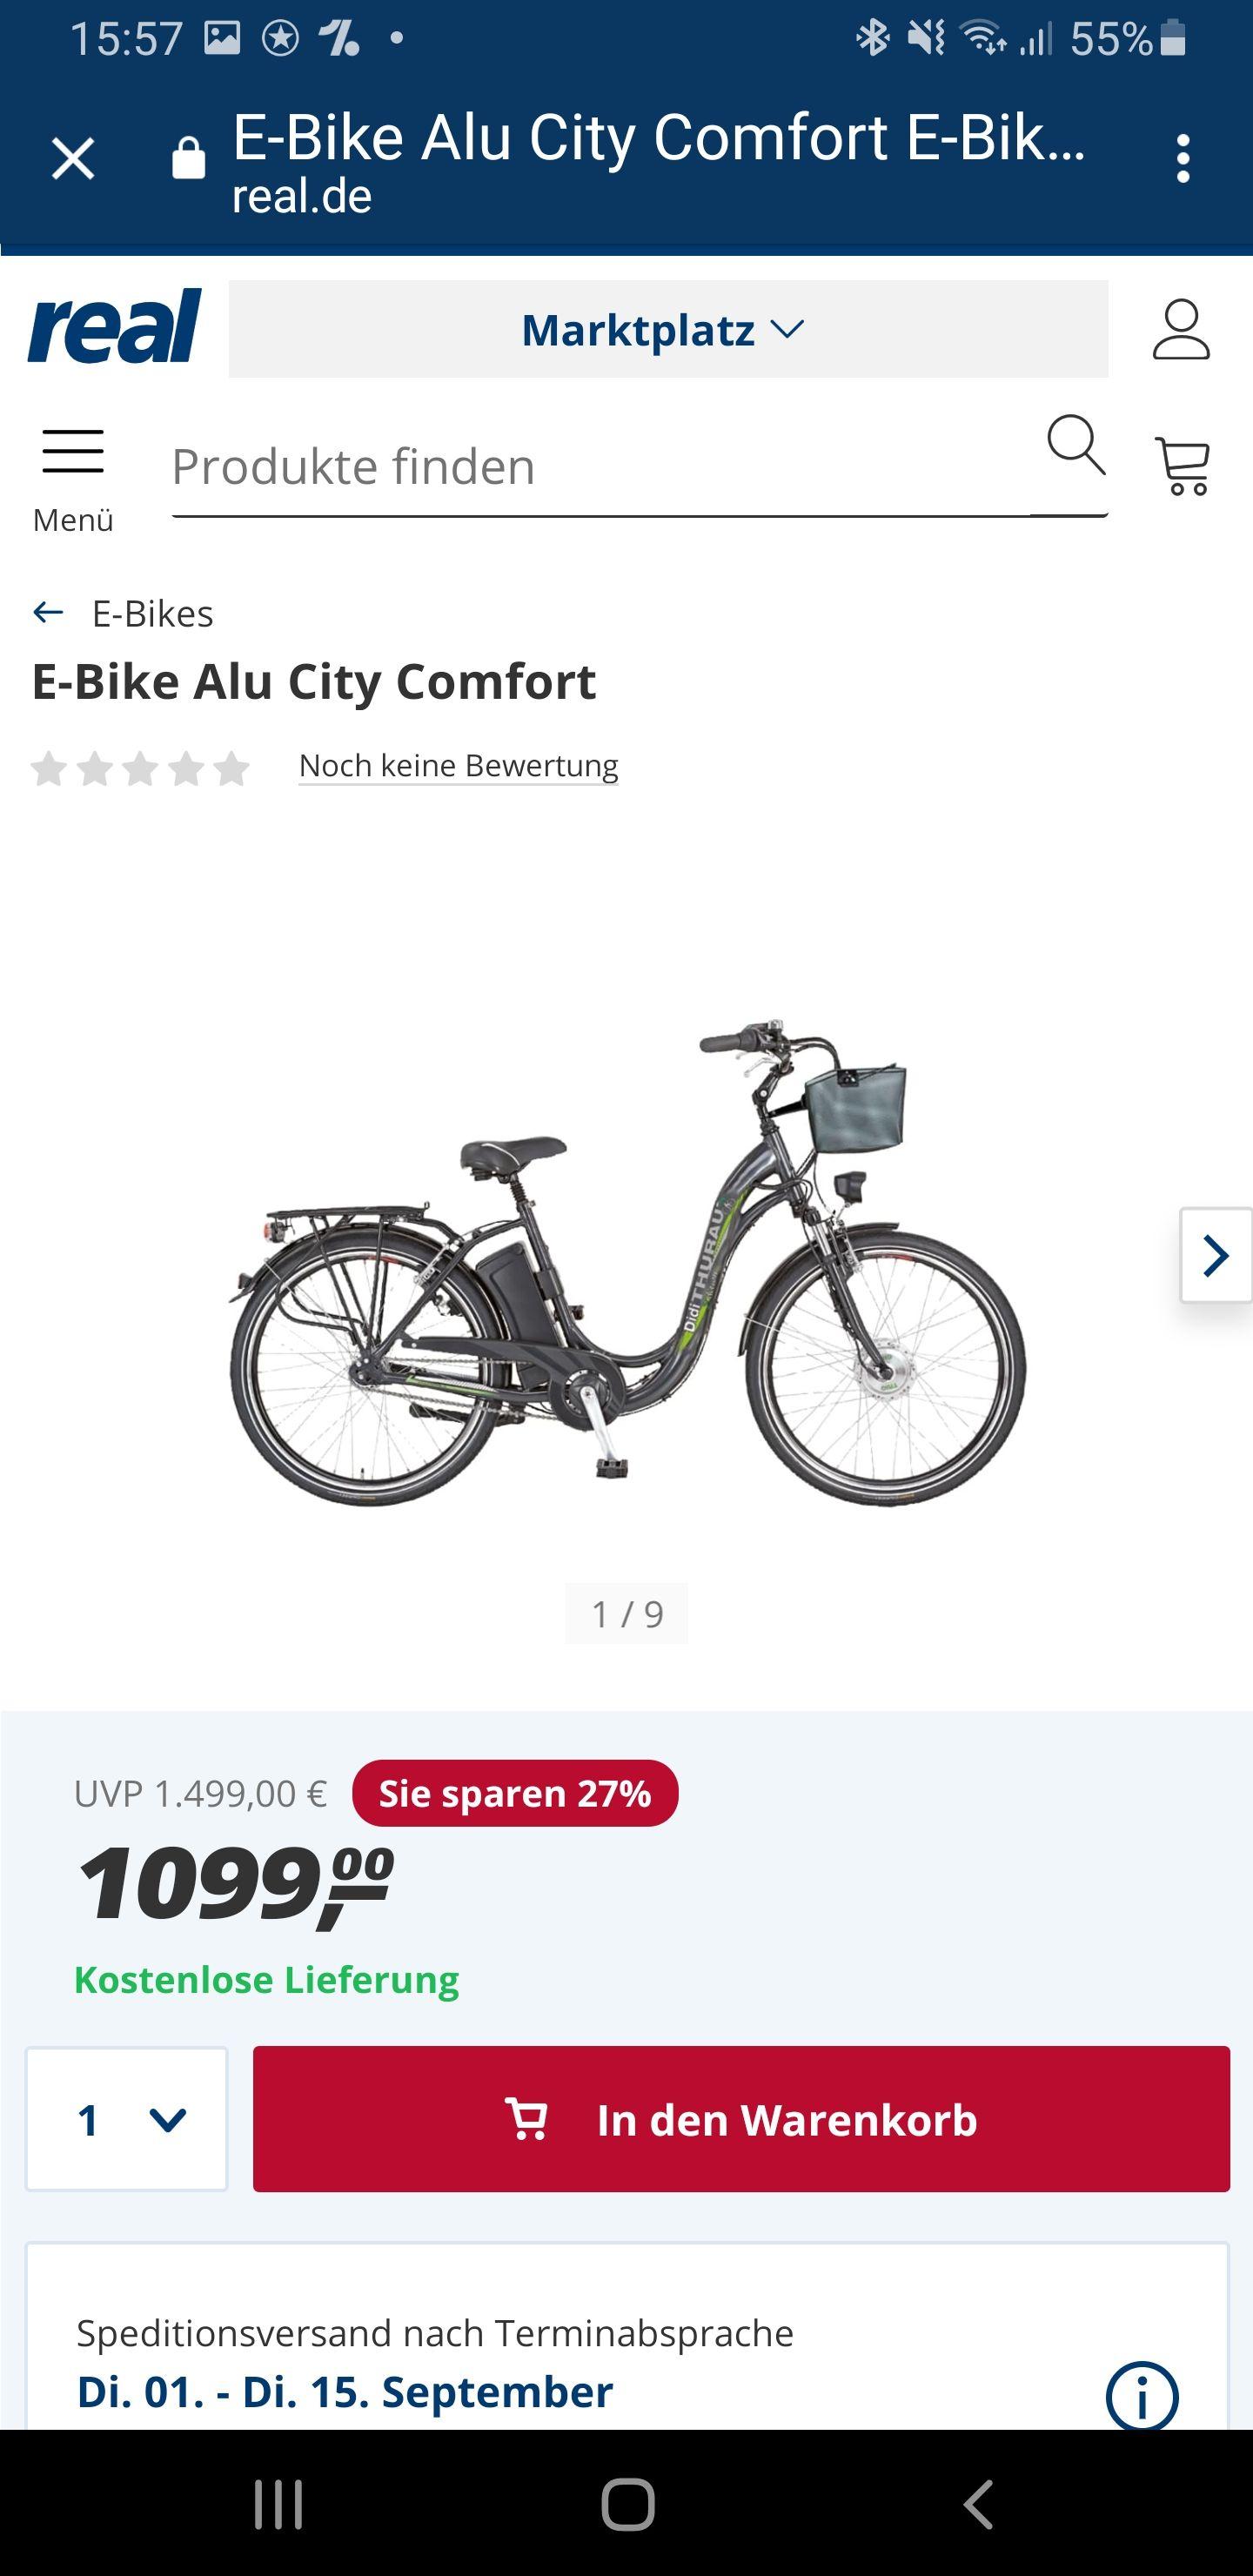 E bike Alu City Comfort